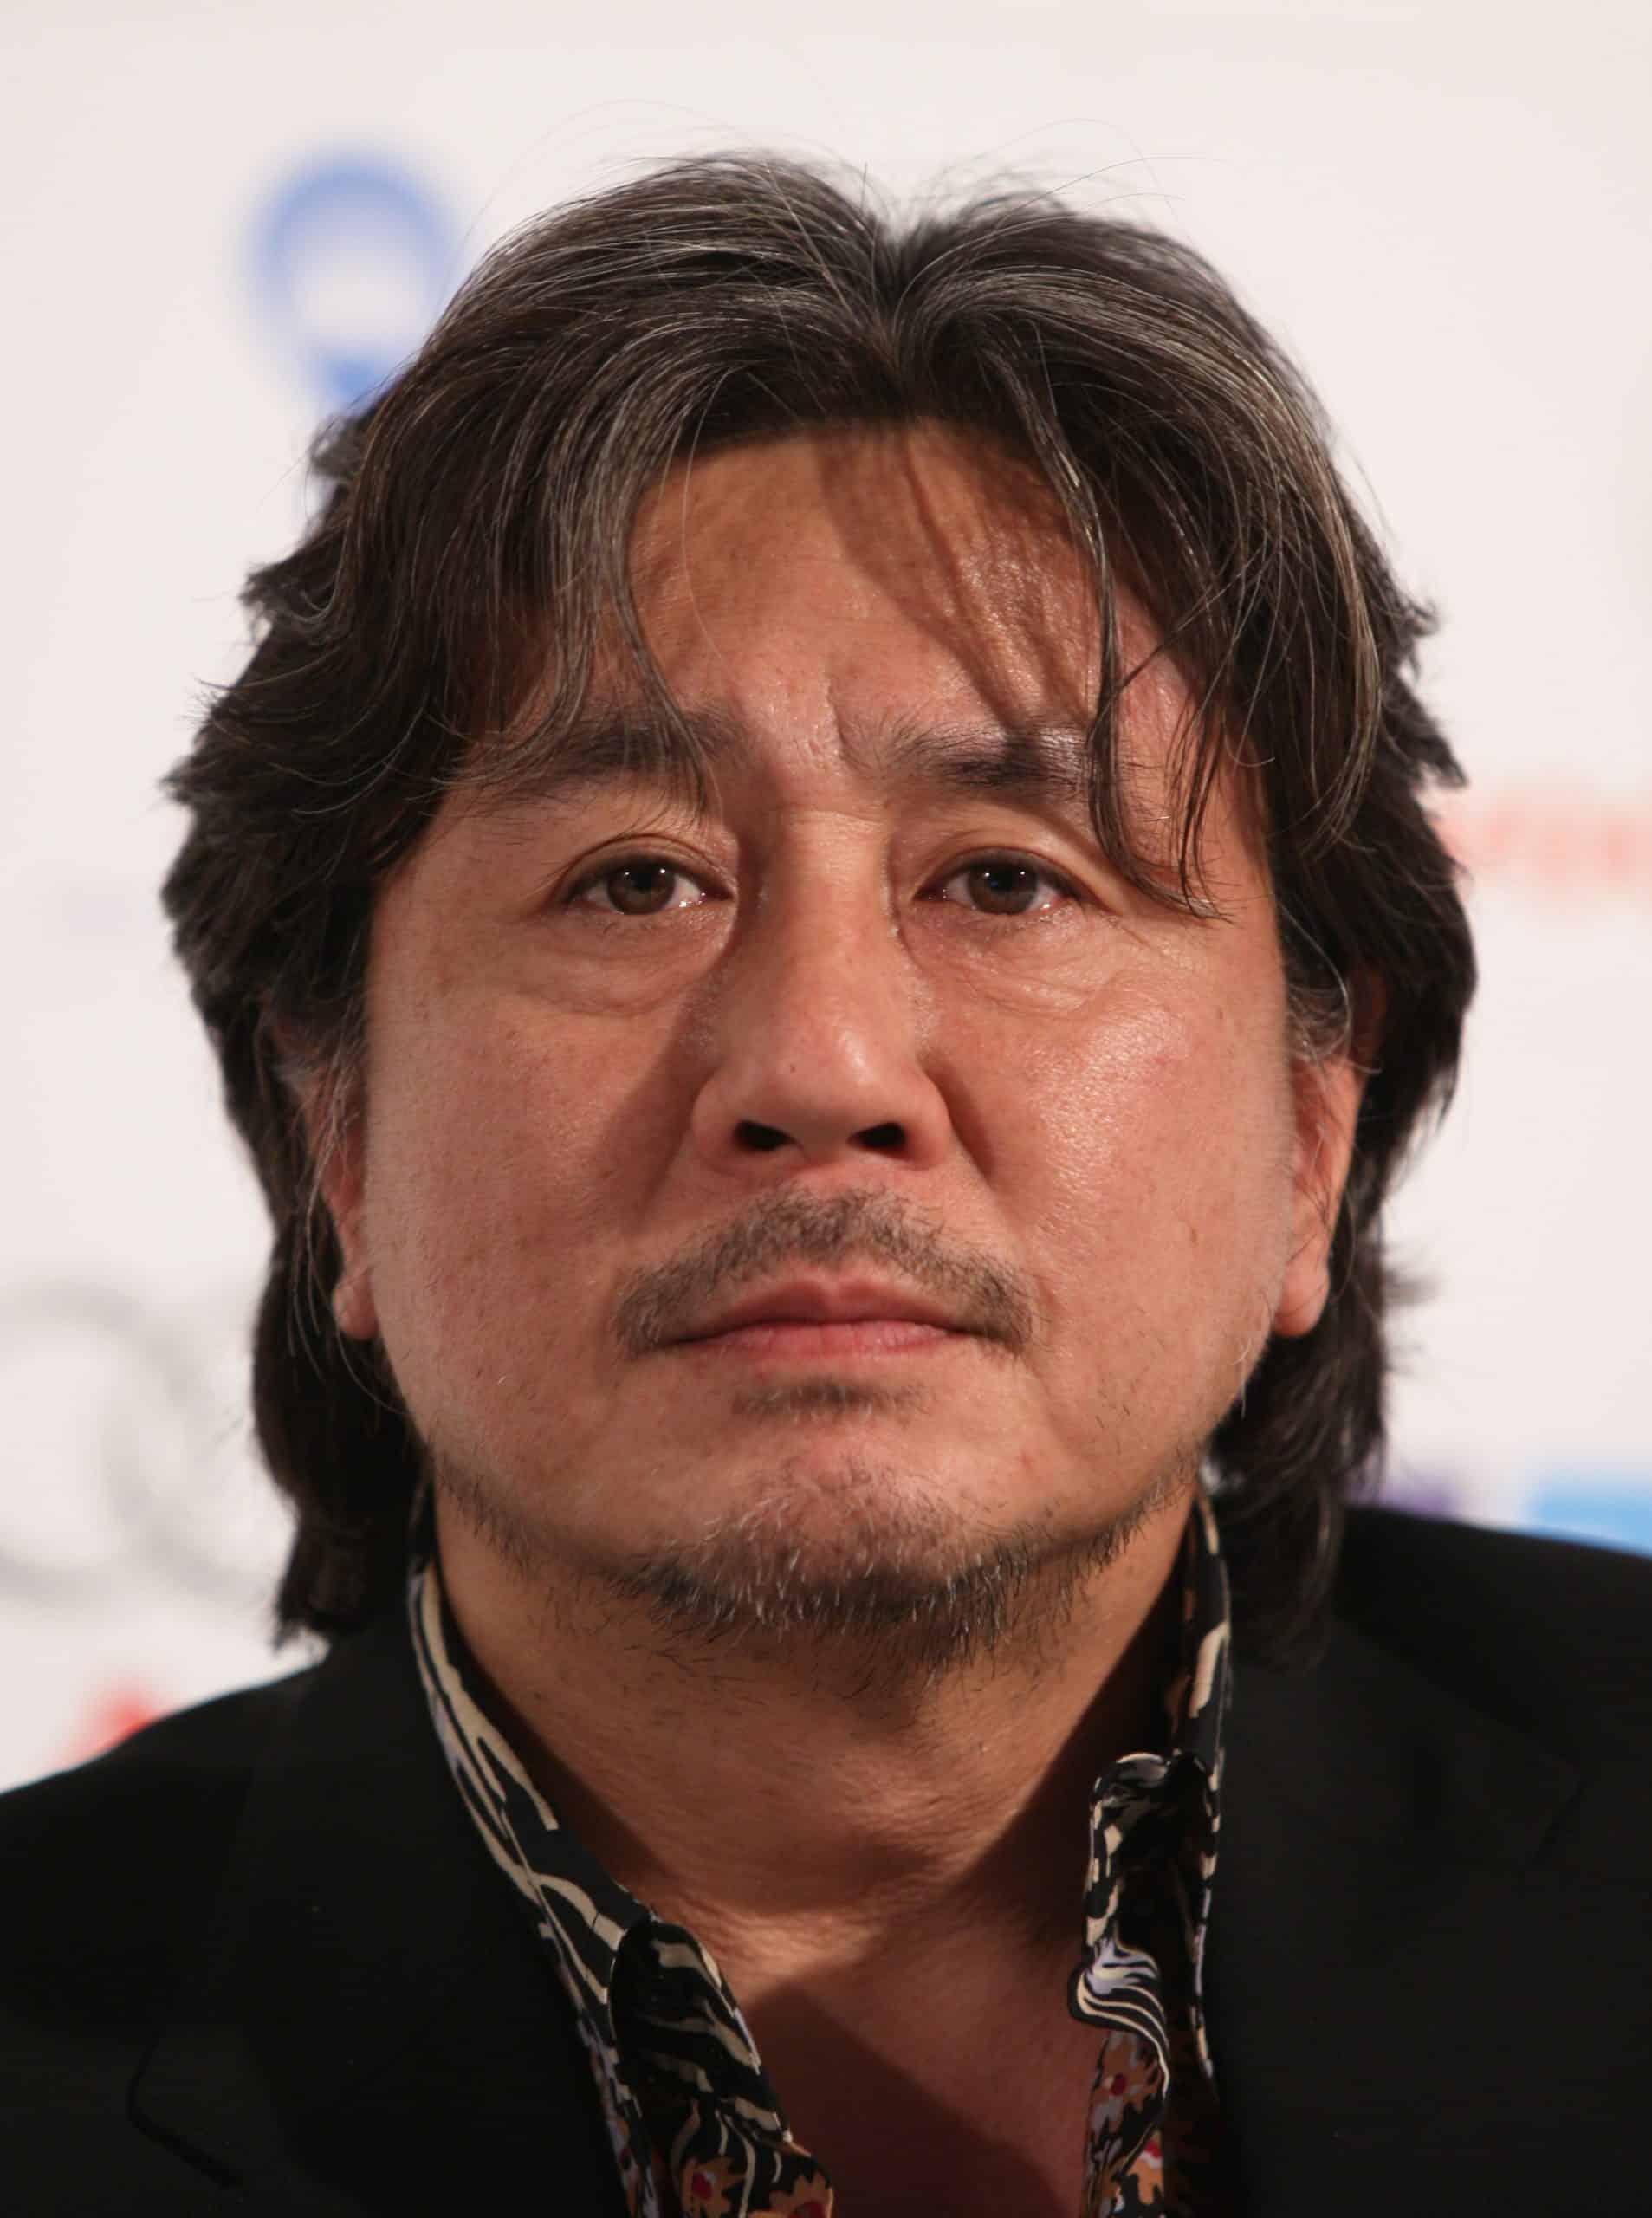 Image of Korean actor Choi Min Sik